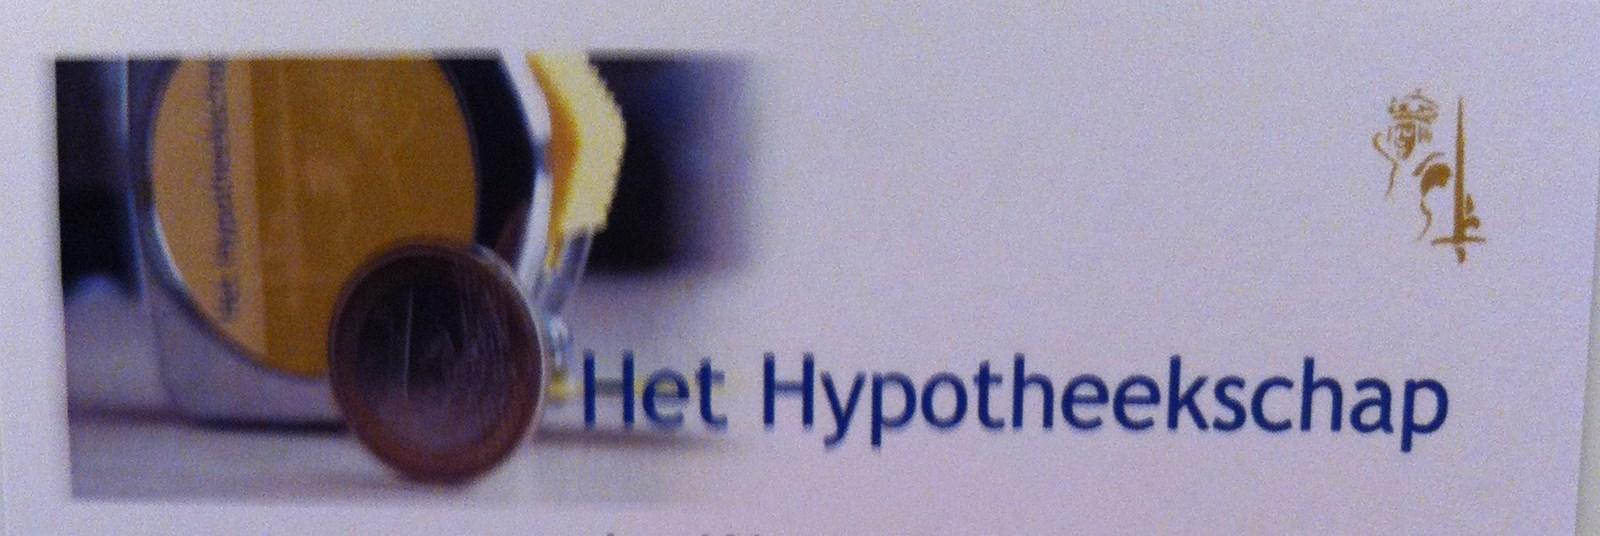 Logo van Het Hypotheekschap